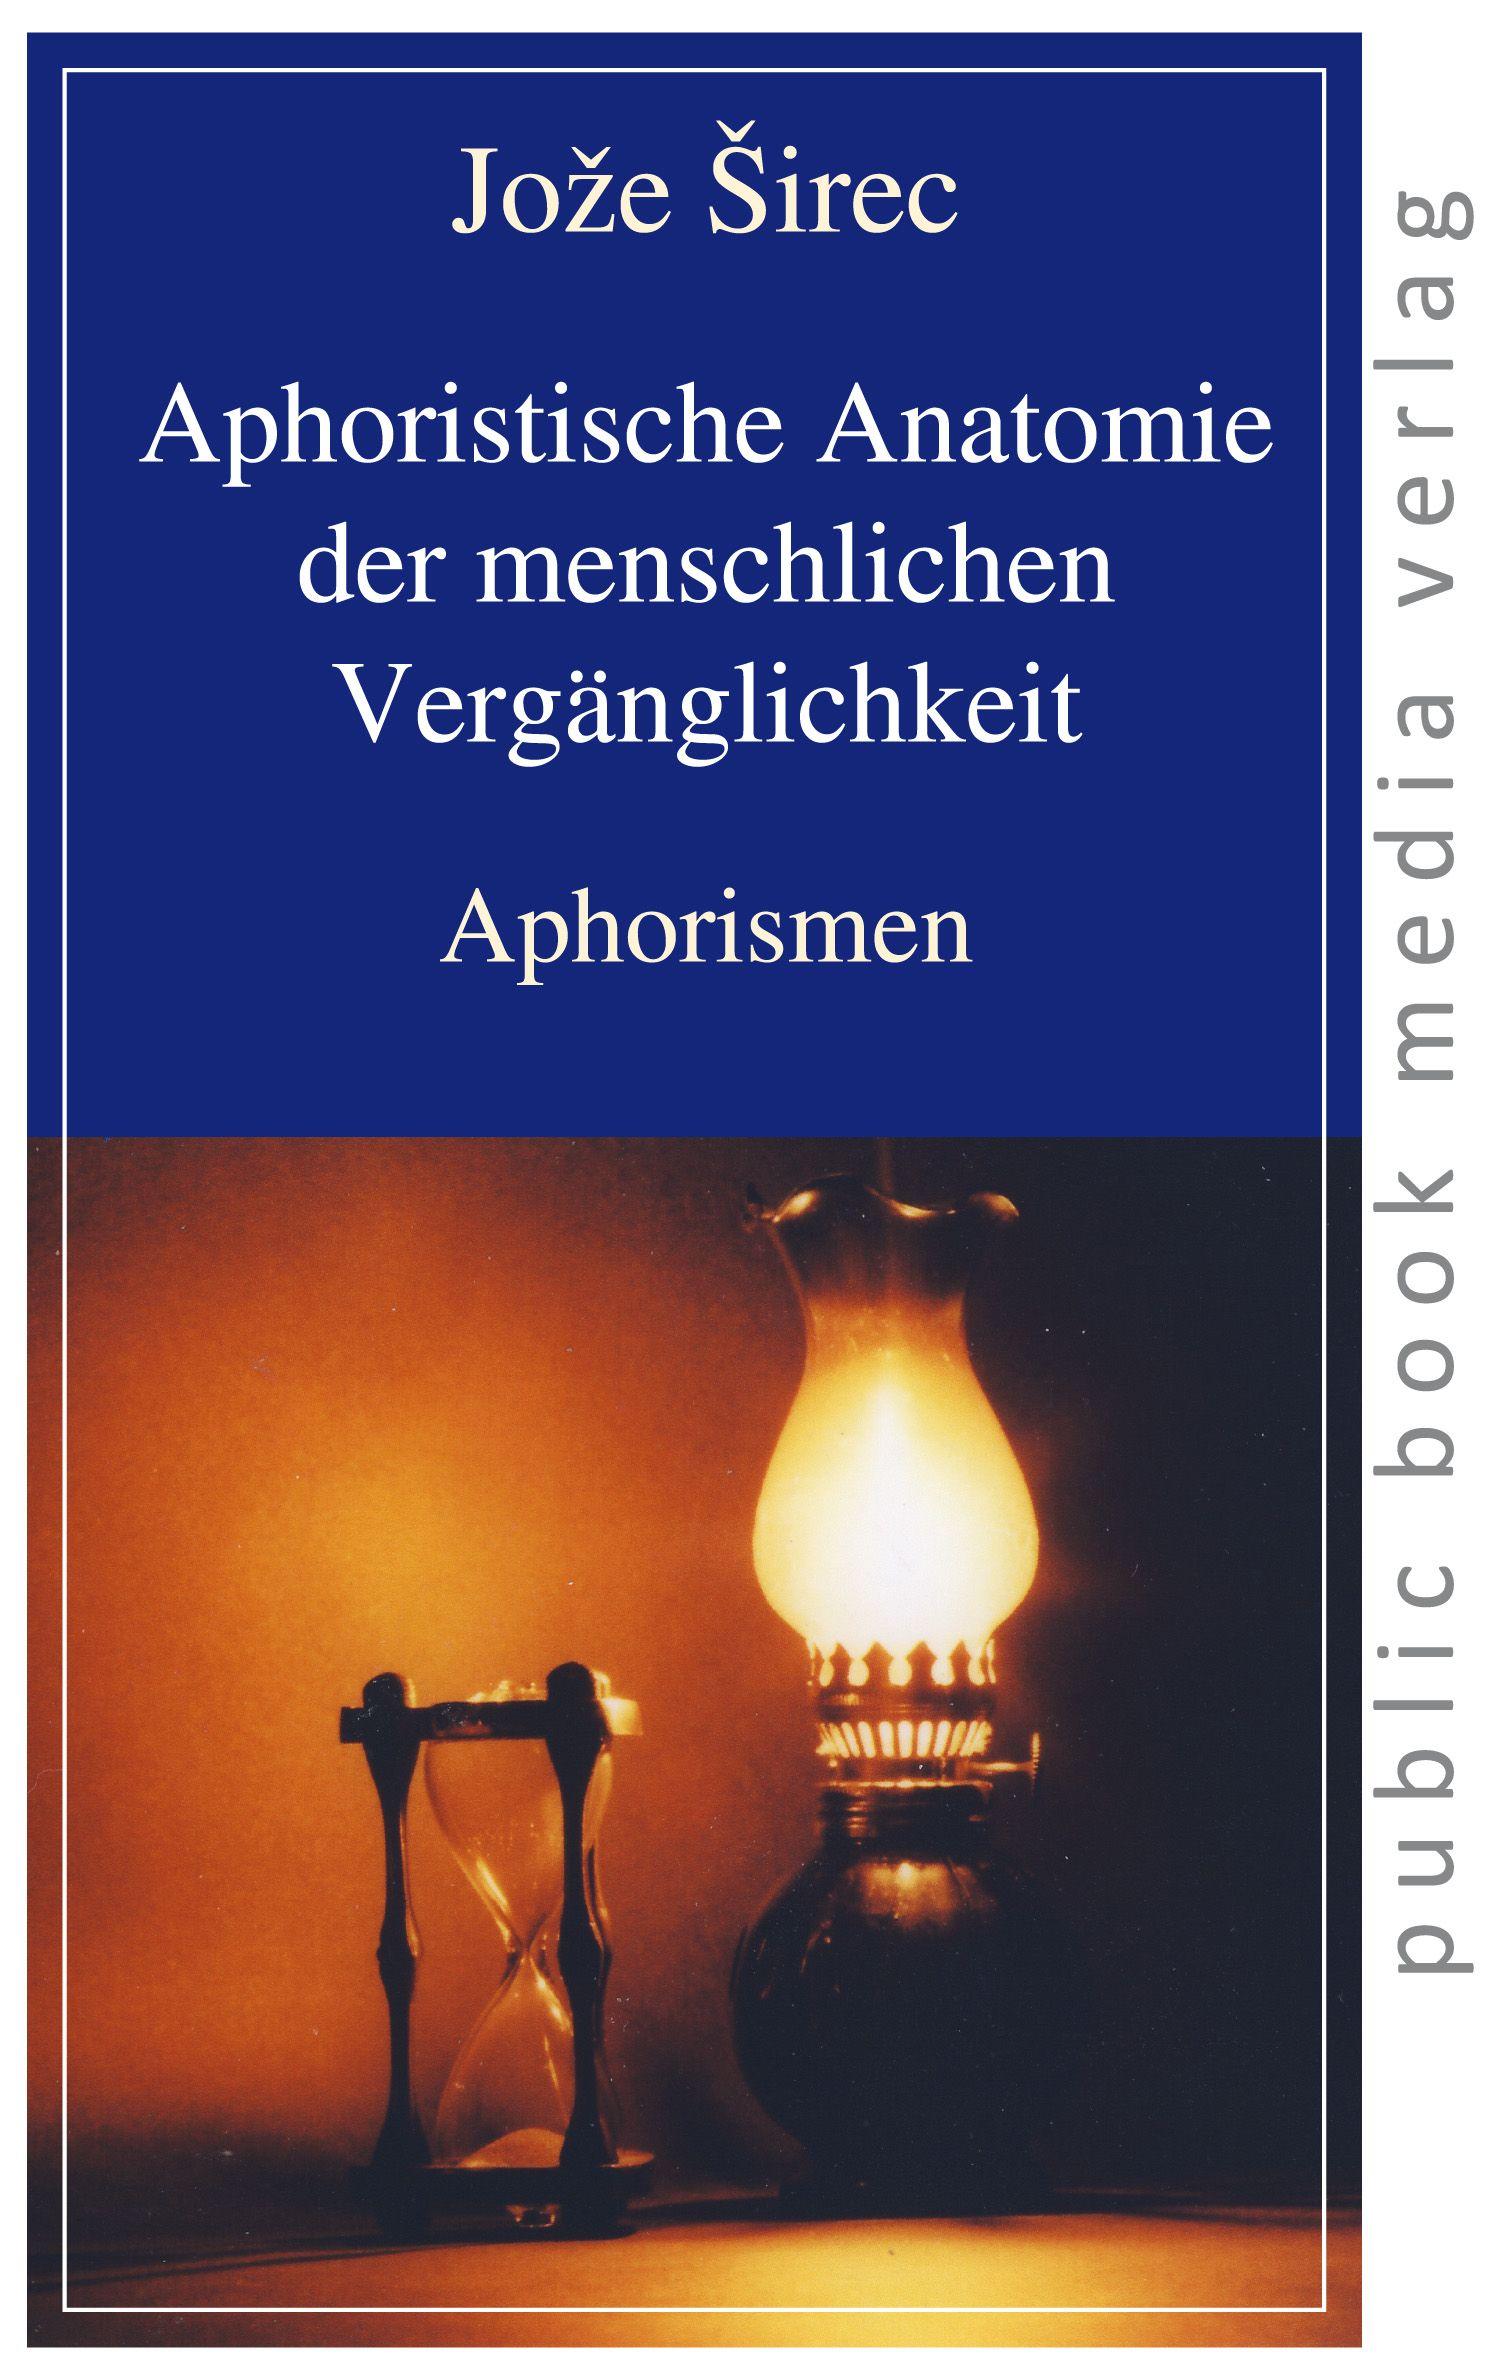 Ziemlich Leberegel Anatomie Bilder - Anatomie Von Menschlichen ...